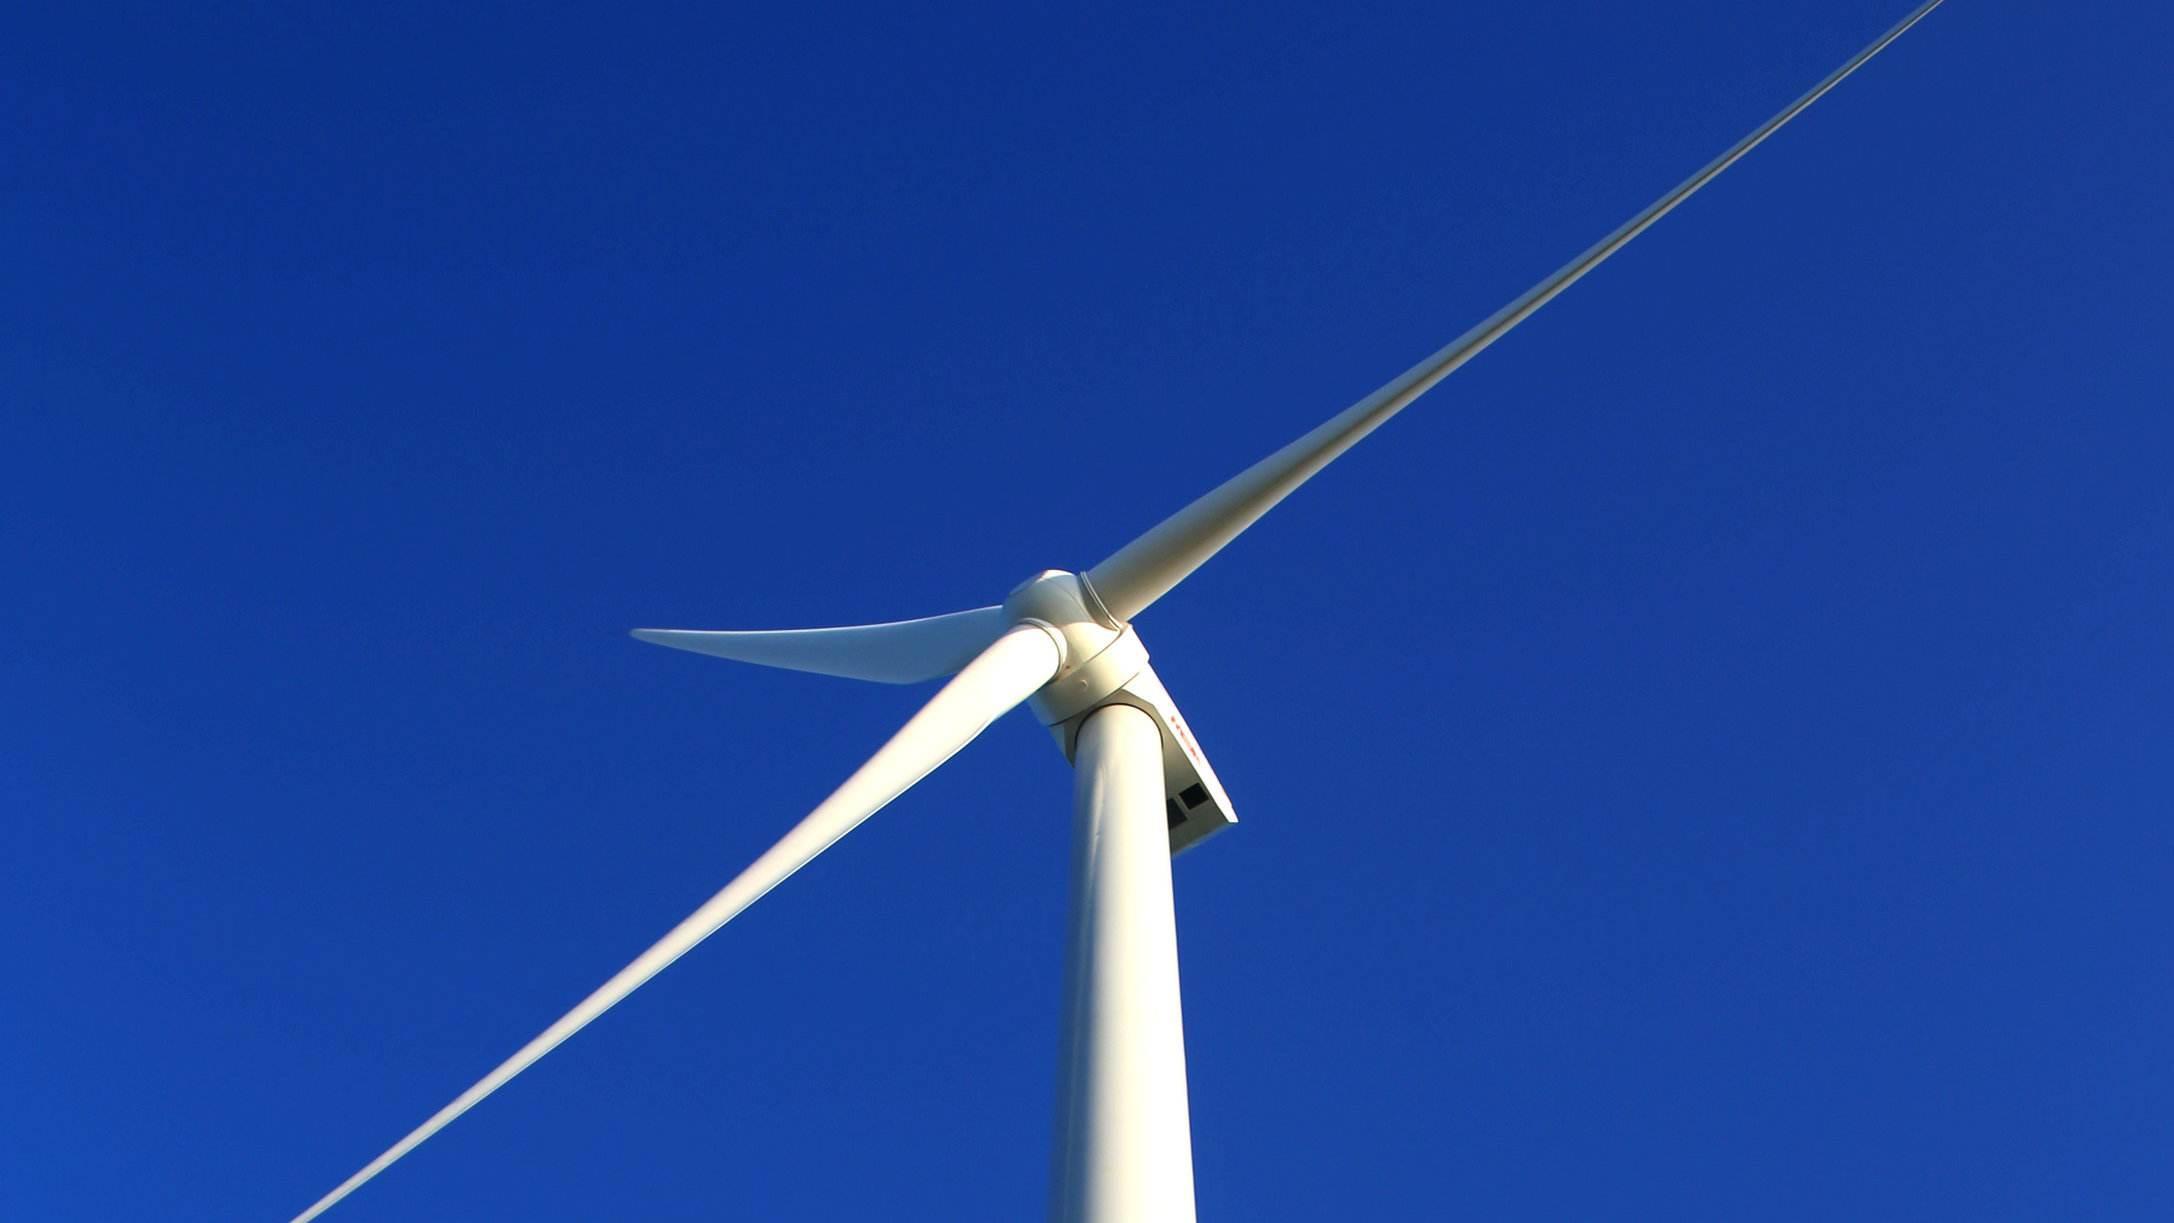 上海电气自主研发90米高风电钢混塔筒吊装成功